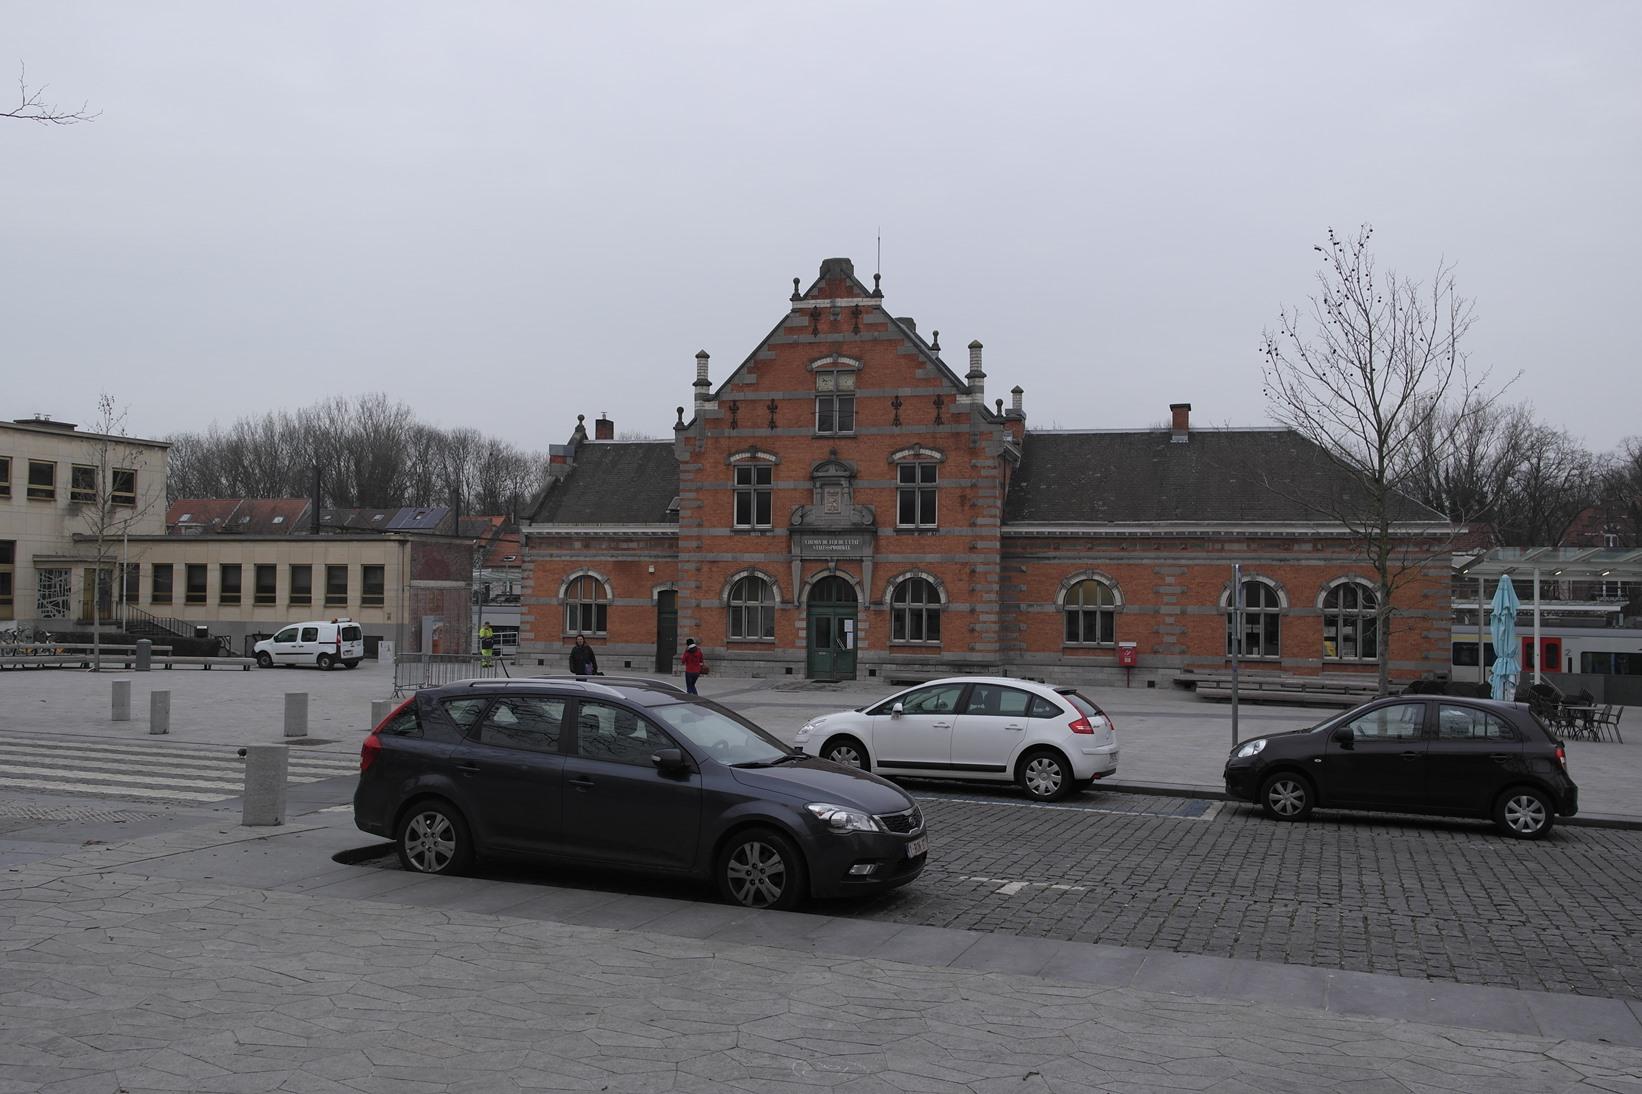 Kardinaal Mercierplein 16, Station van Jette, 2015